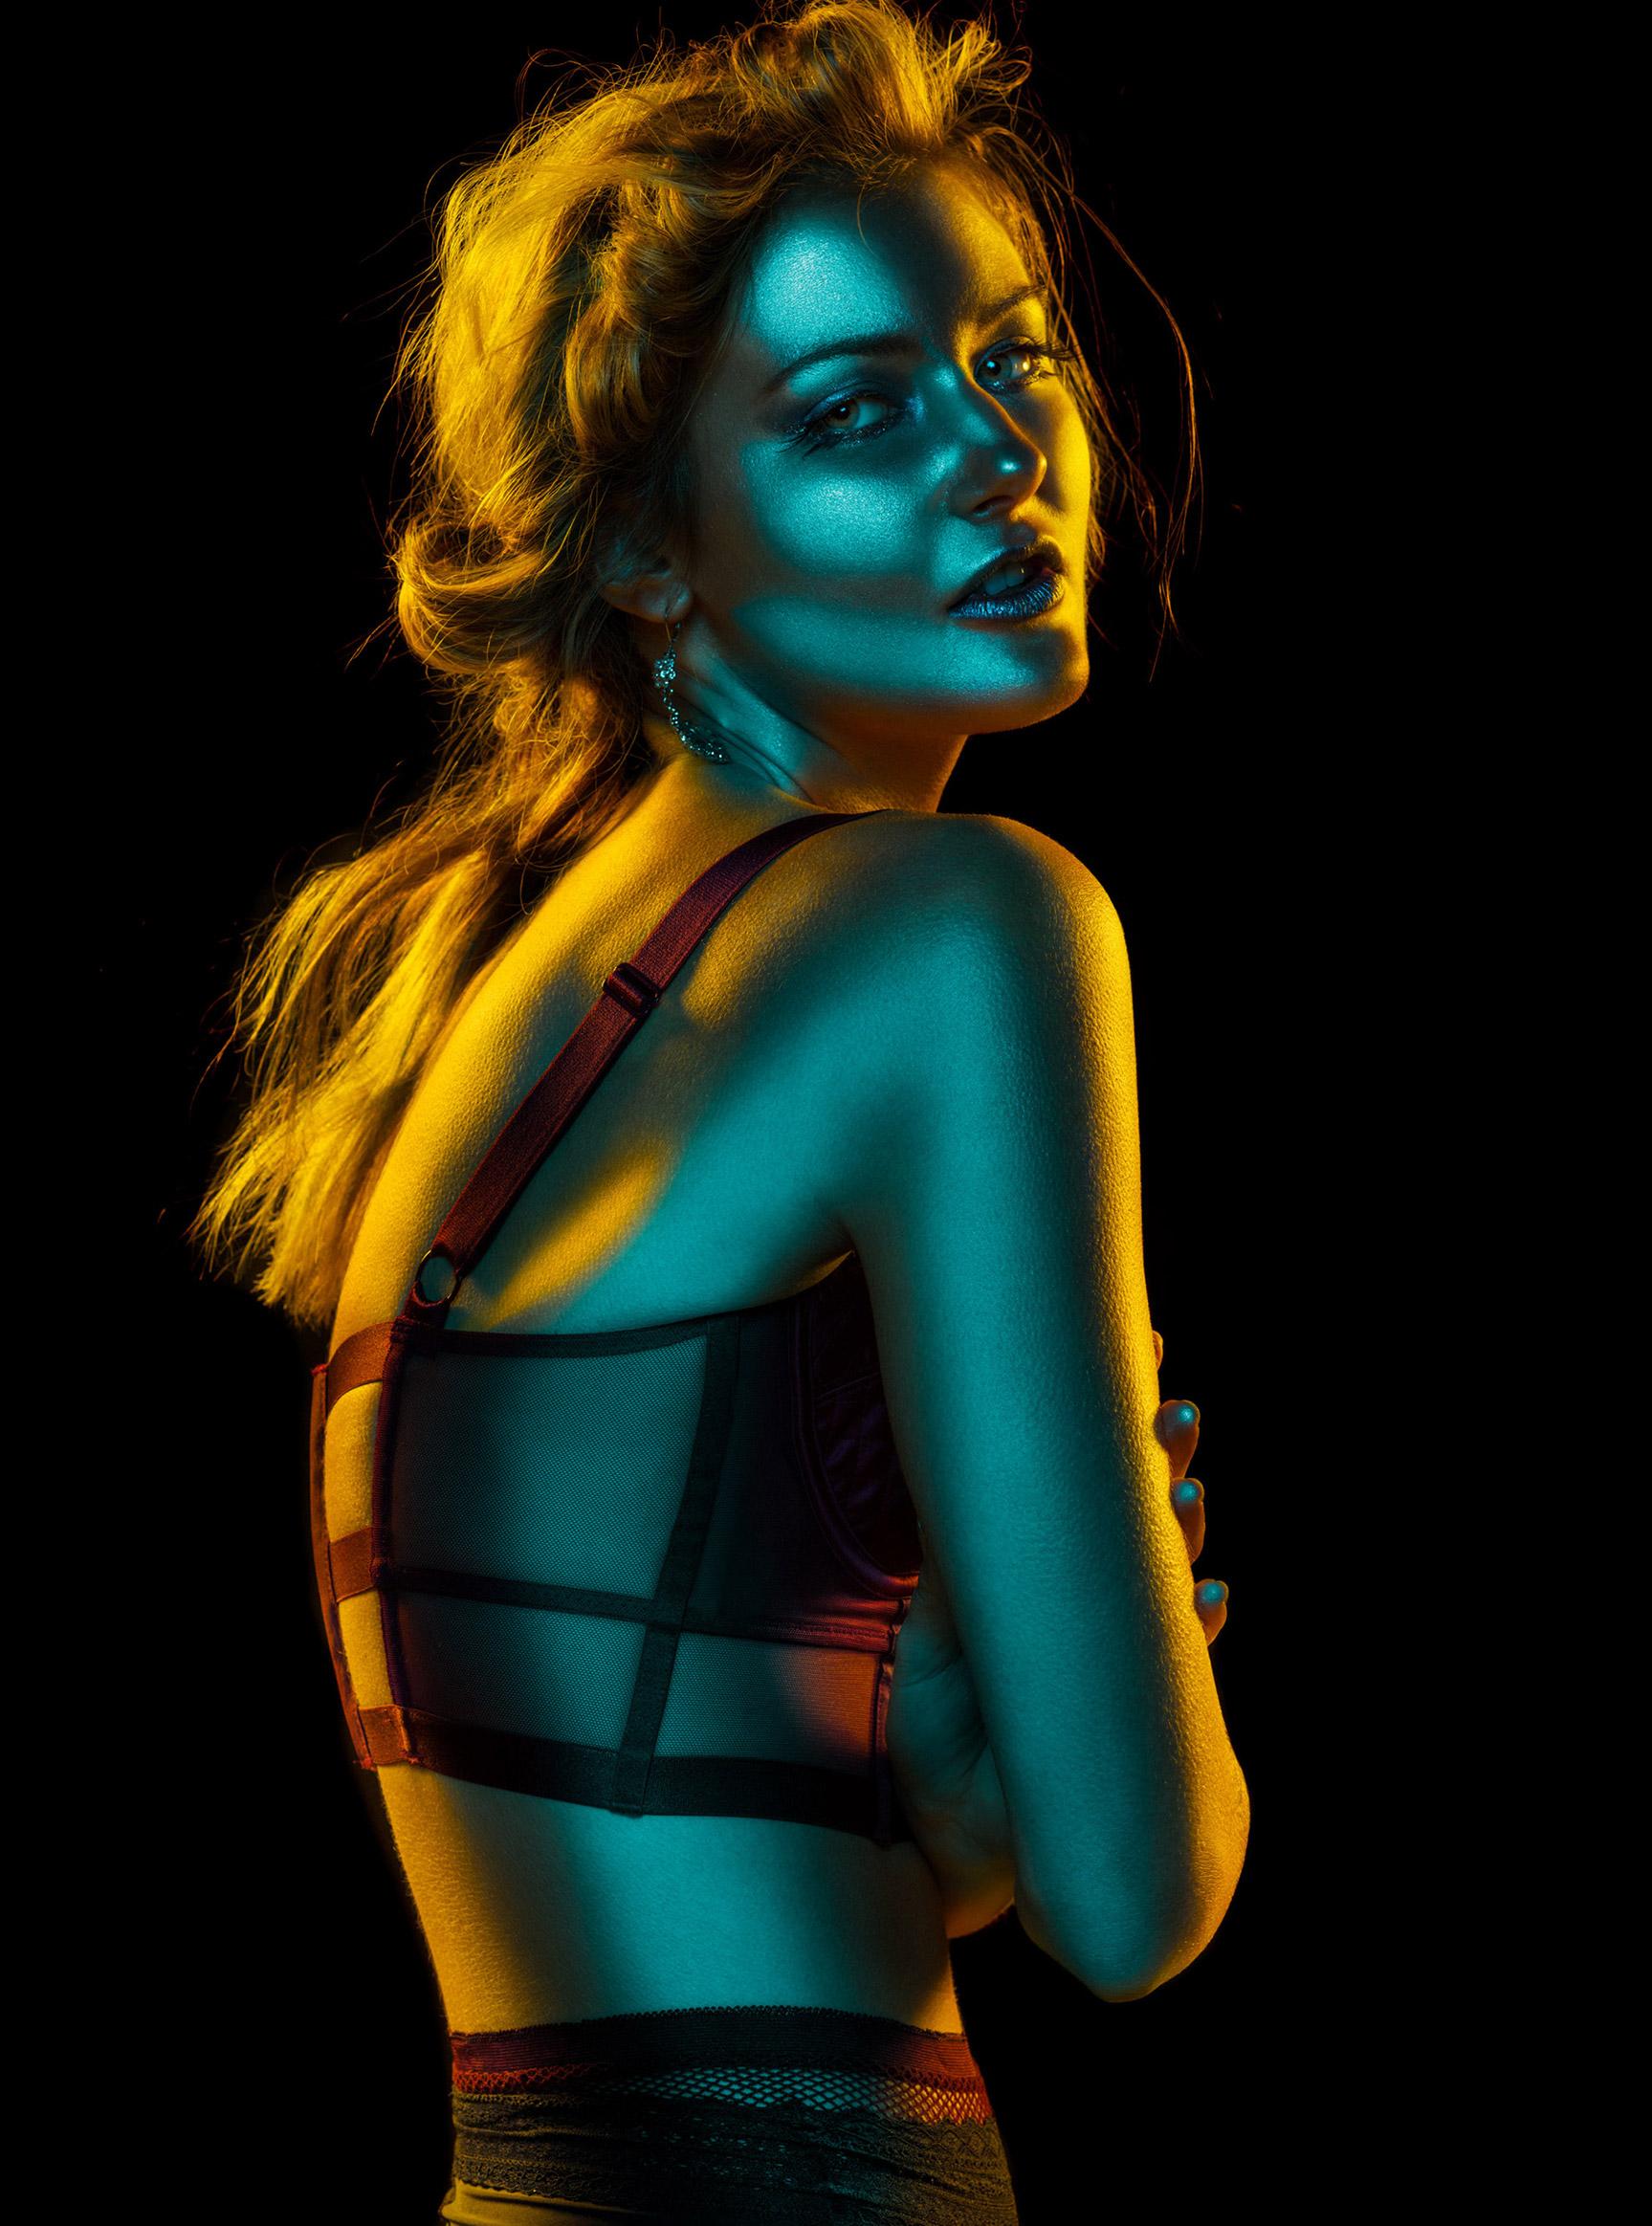 Красивая девушка в отблесках ночи / Рейчел Флинн, фотограф Андре Шнейдер / фото 03